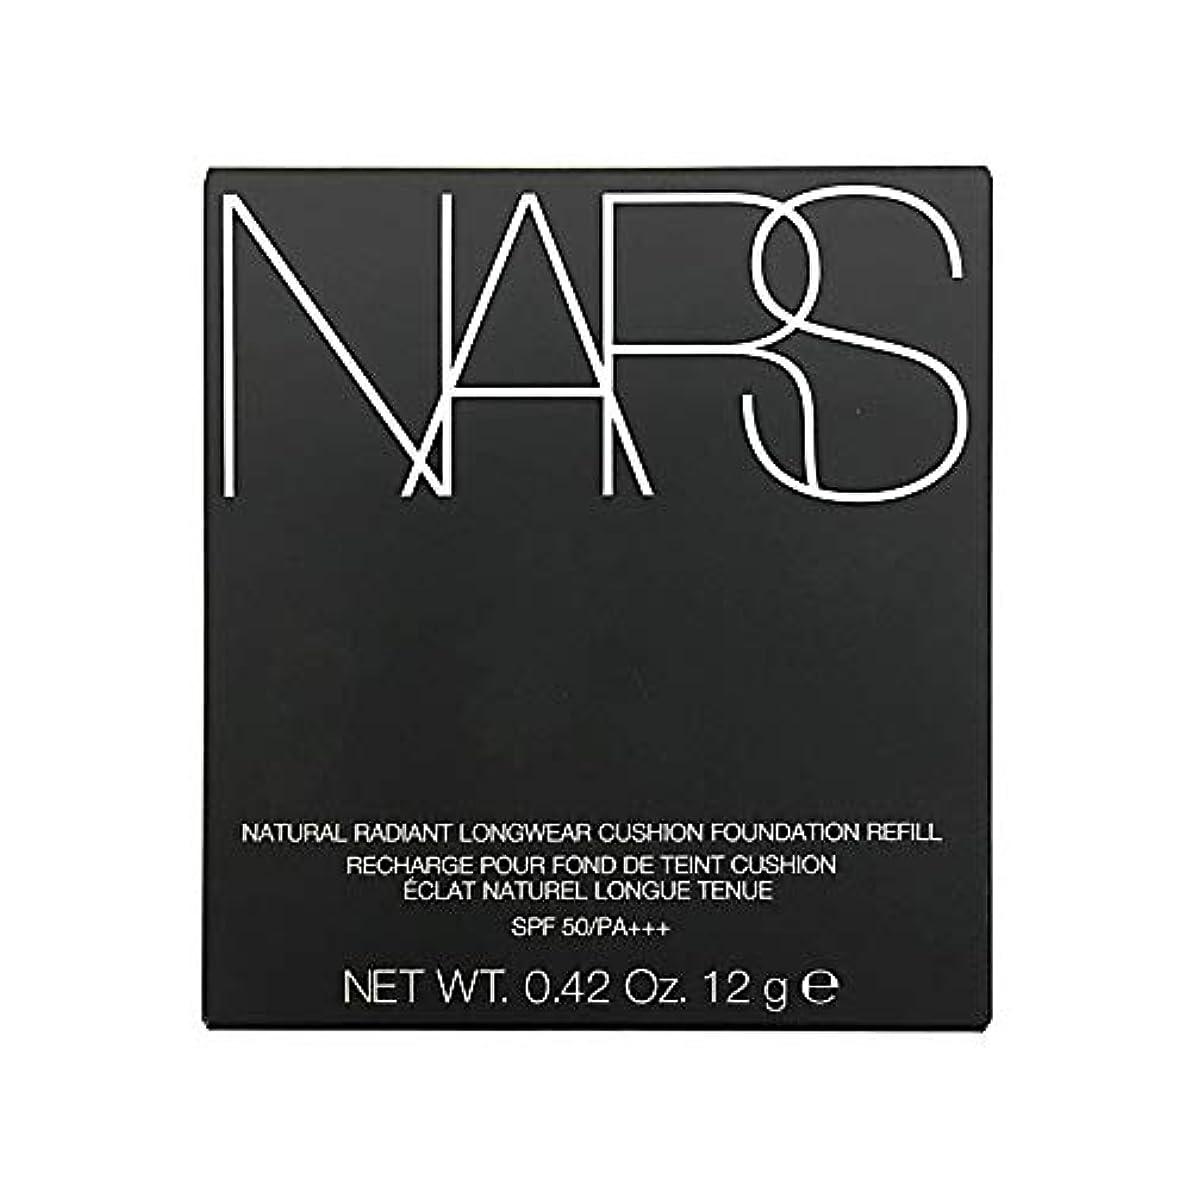 田舎者学期回転ナーズ/NARS ナチュラルラディアント ロングウェア クッションファンデーション(レフィル)#5878 [ クッションファンデ ] [並行輸入品]